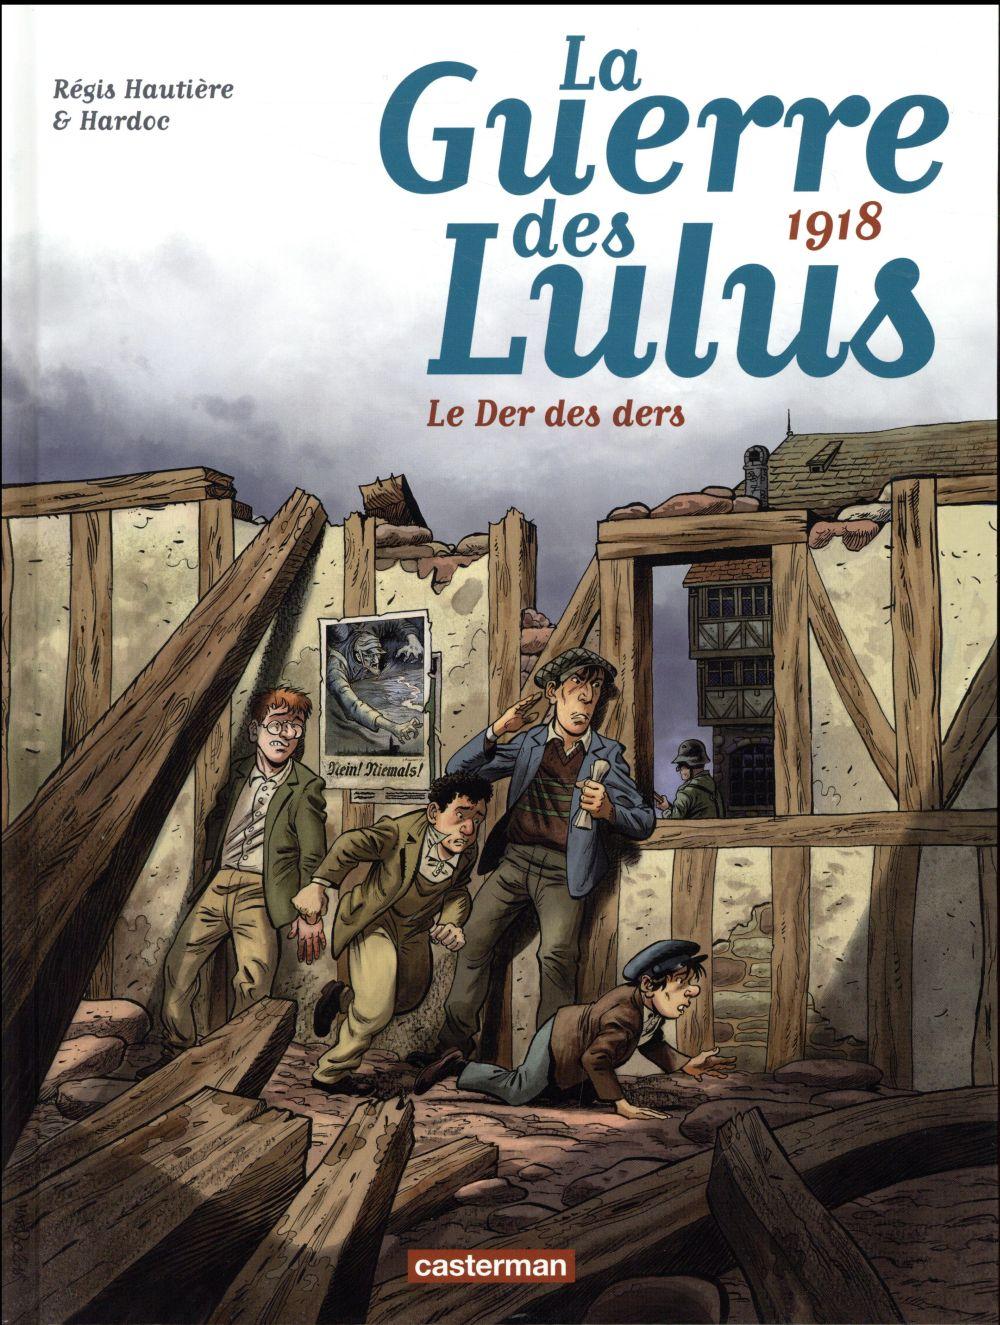 La guerre des Lulus 1918, le der des ders Vol.5 Hardoc Casterman